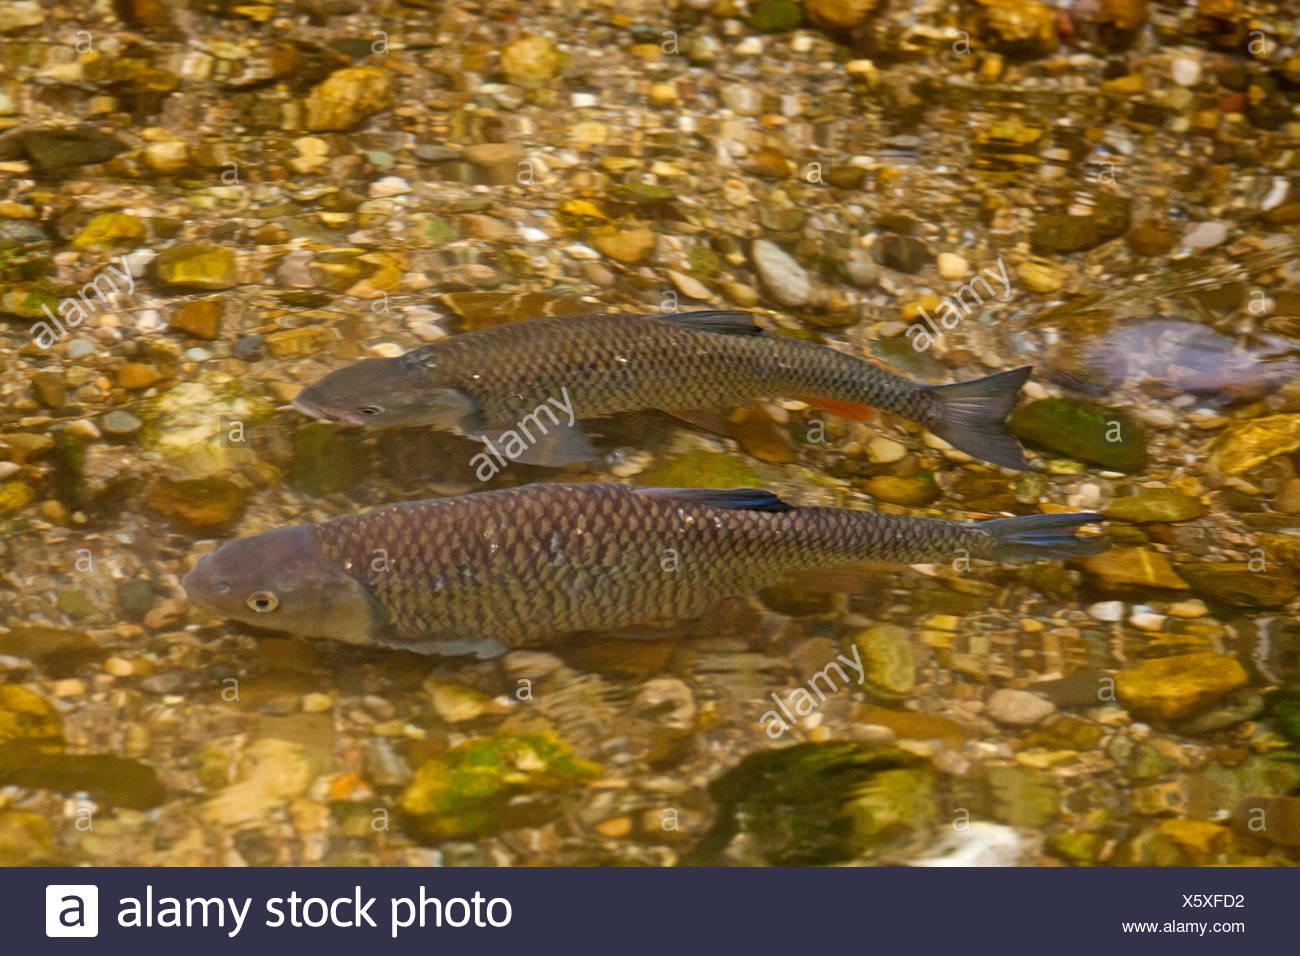 chub (Leuciscus cephalus), at spawning migration, Germany, Bavaria, Nasenbach - Stock Image